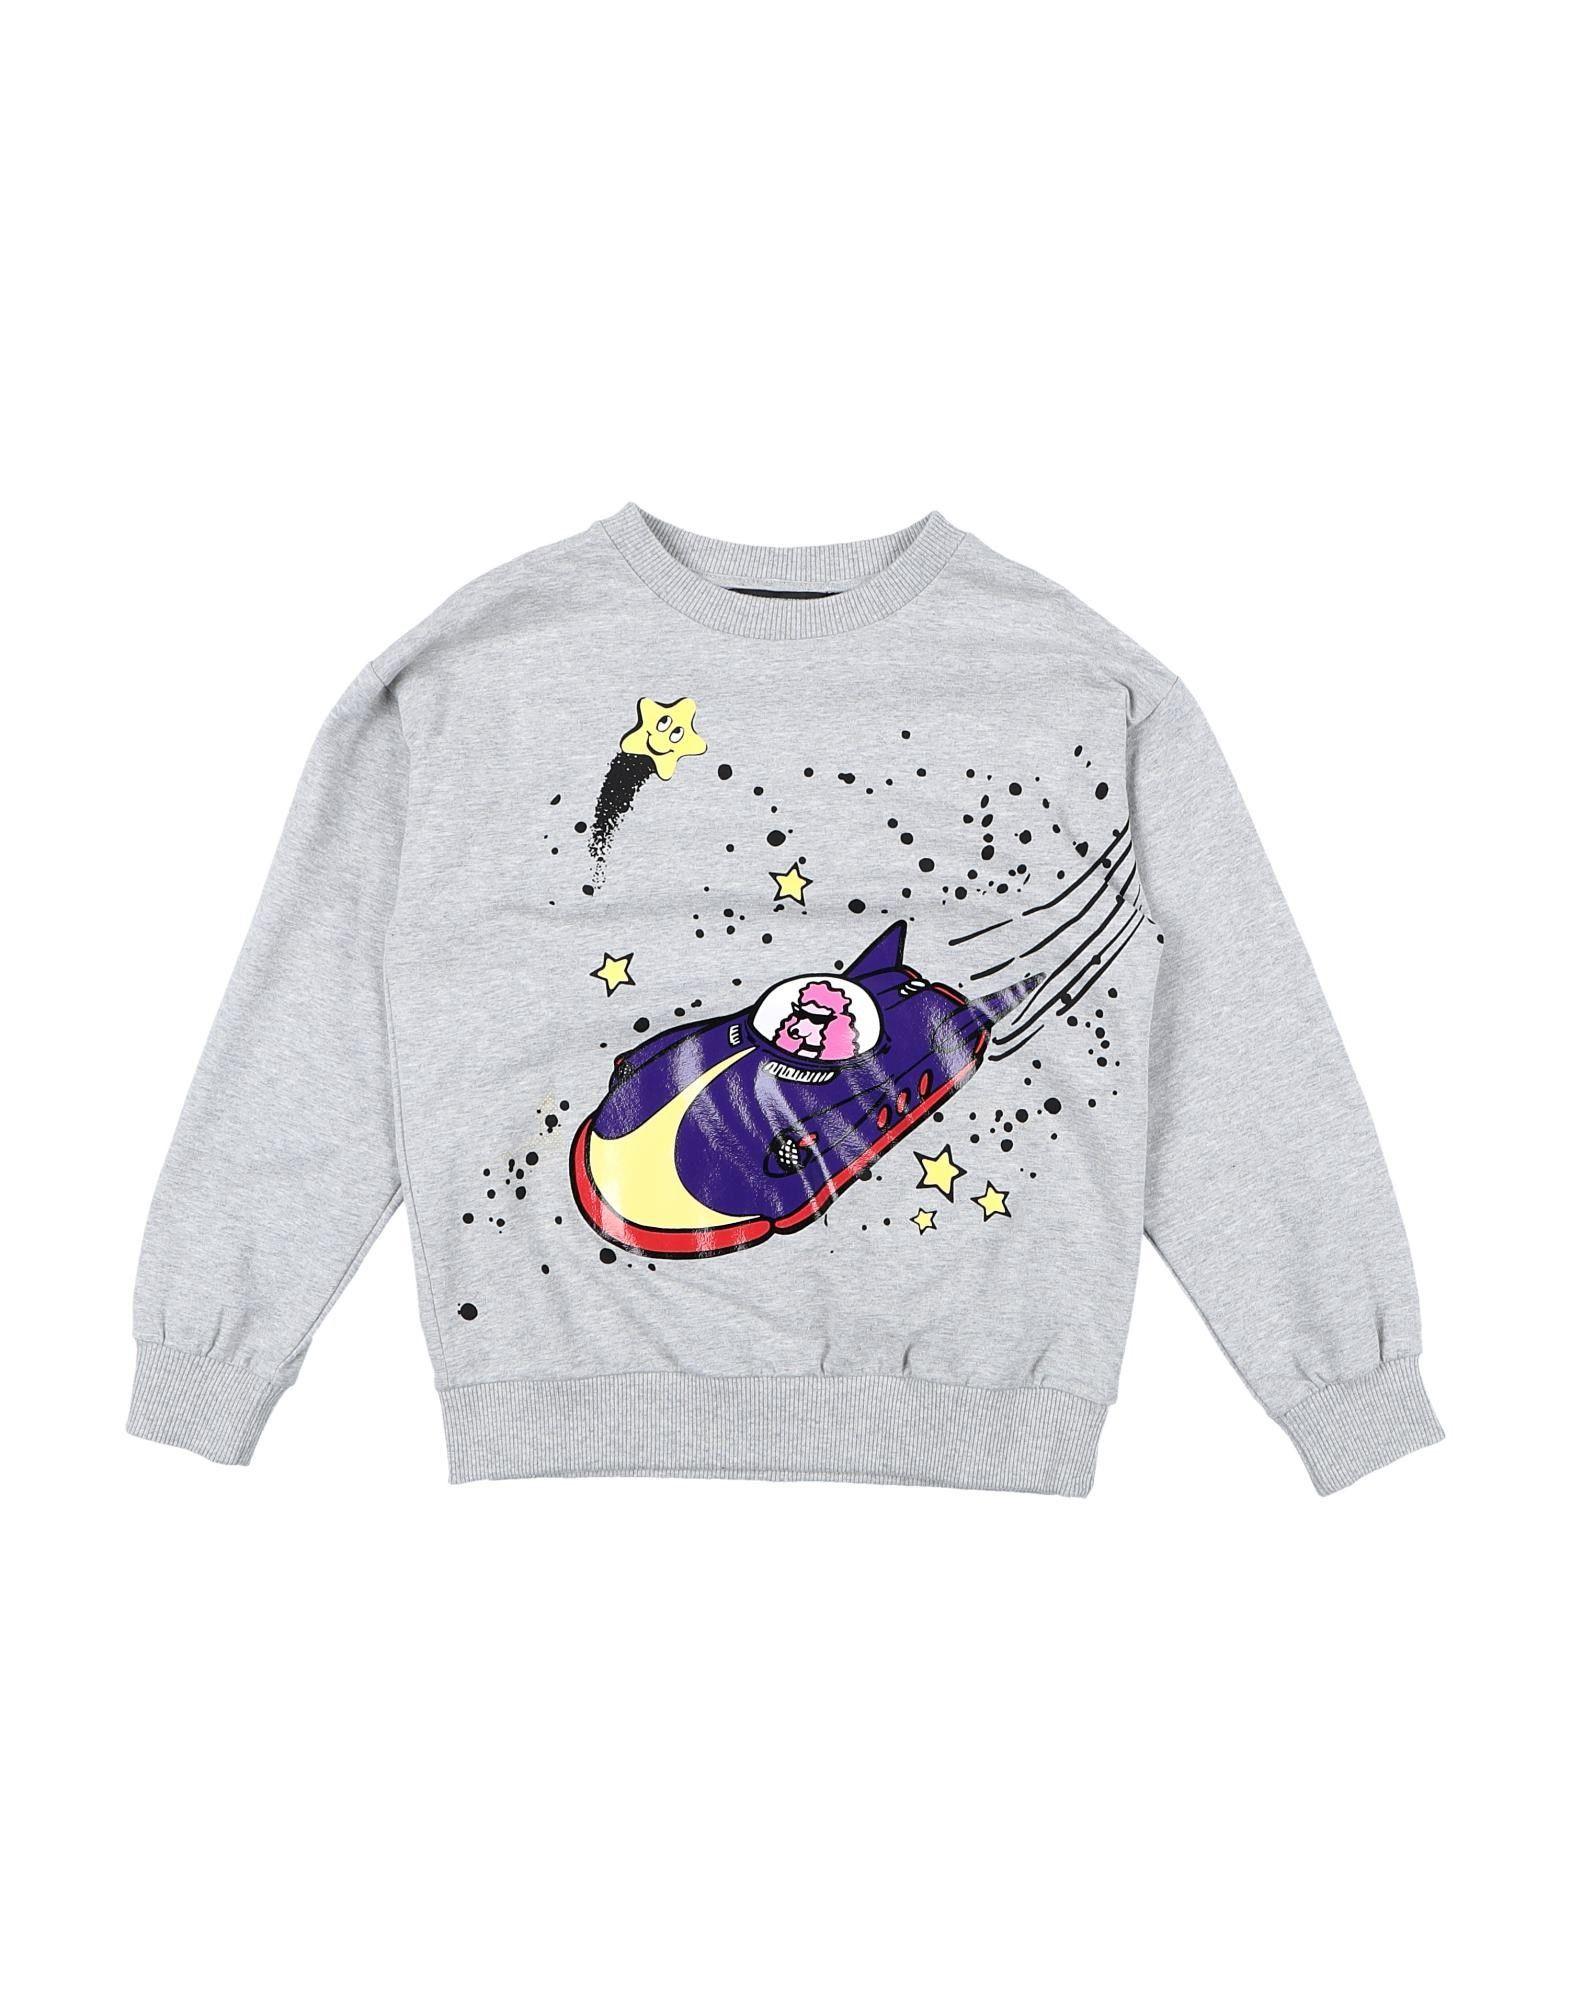 Jeremy Scott Sweatshirts In Light Grey